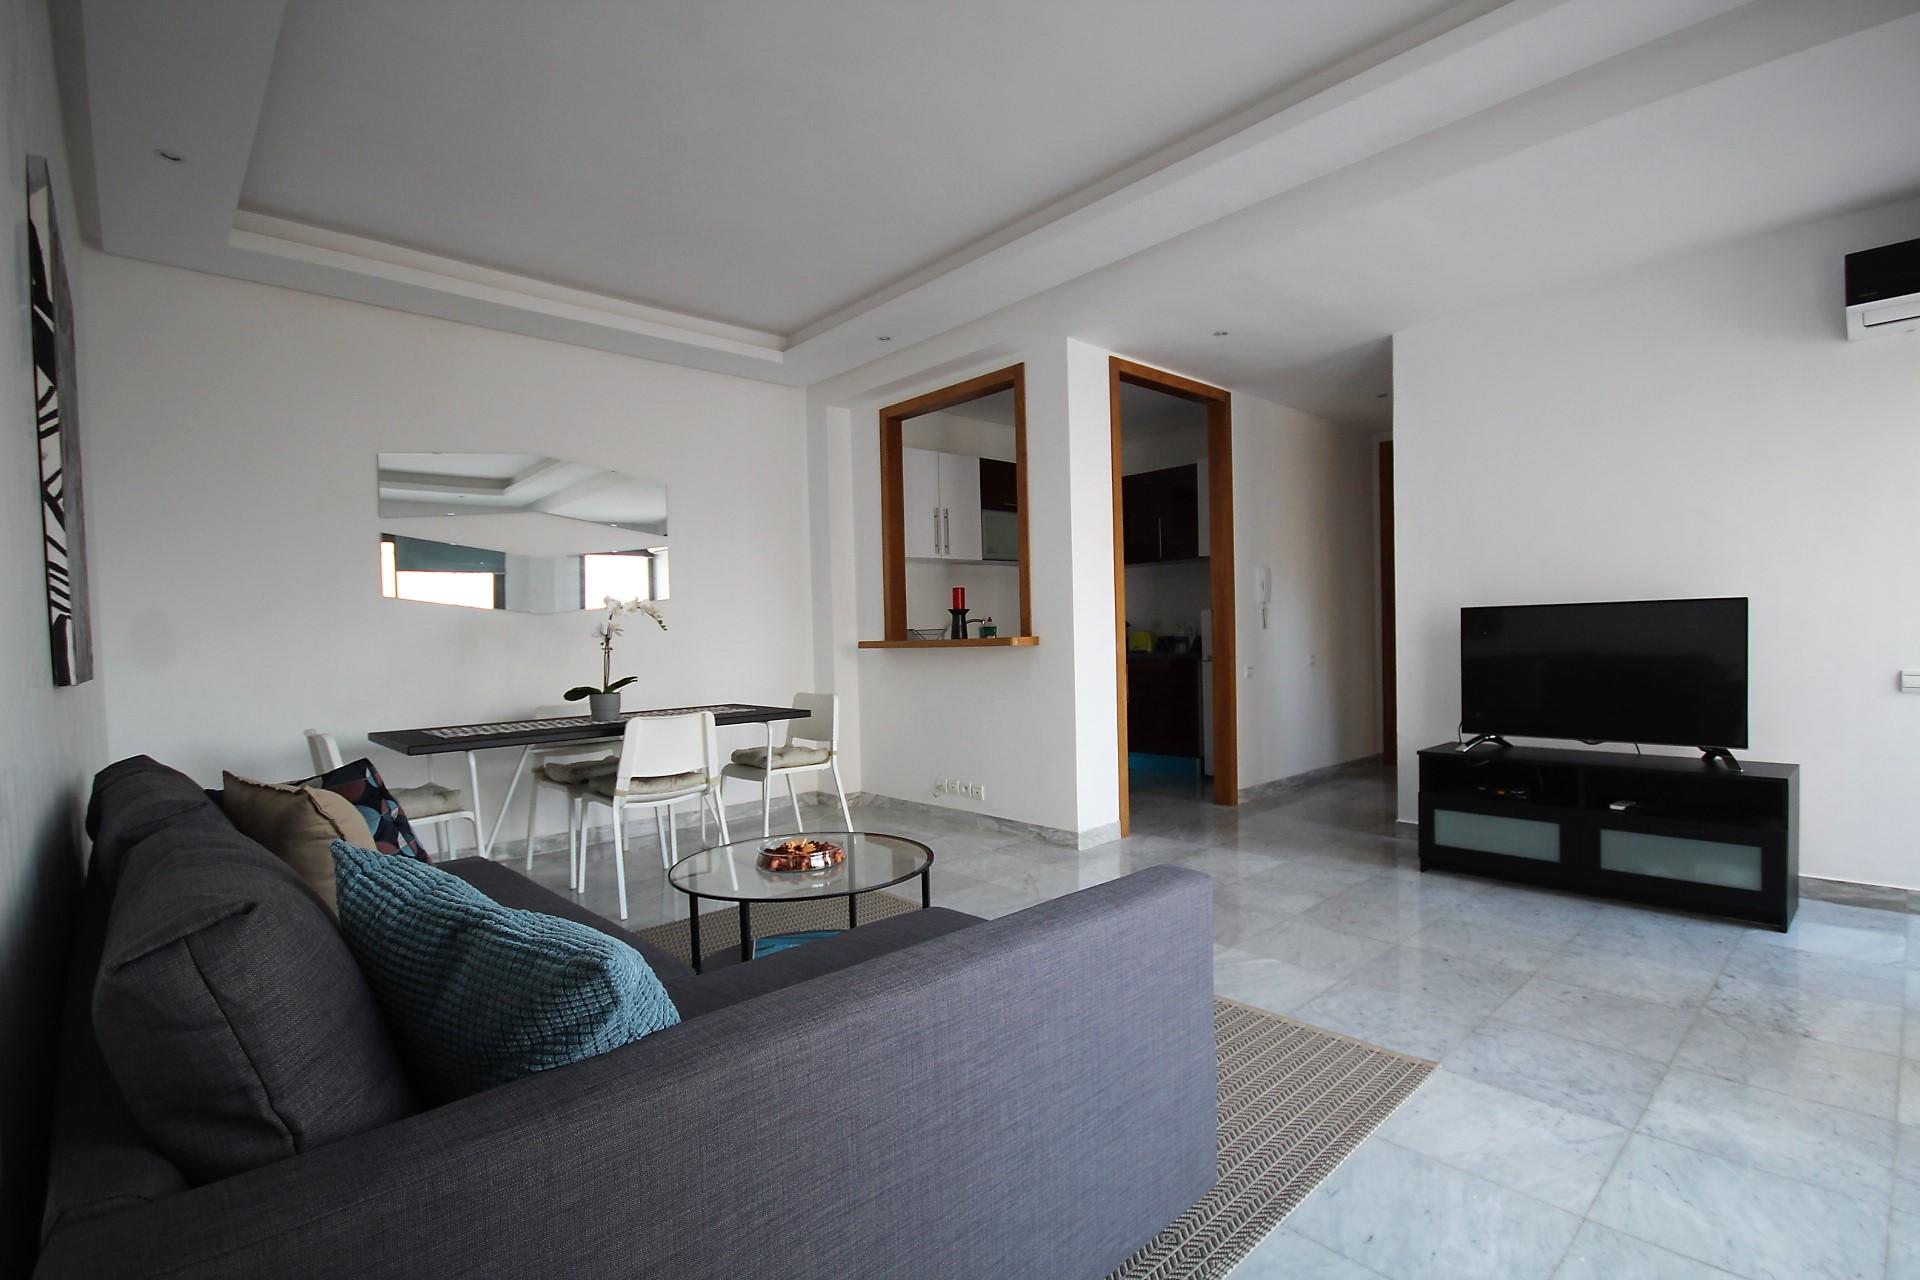 Maroc, Casablanca, Maarif, à louer  lumineux appartements meublés neuf en étage élevé avec terrasse tournante